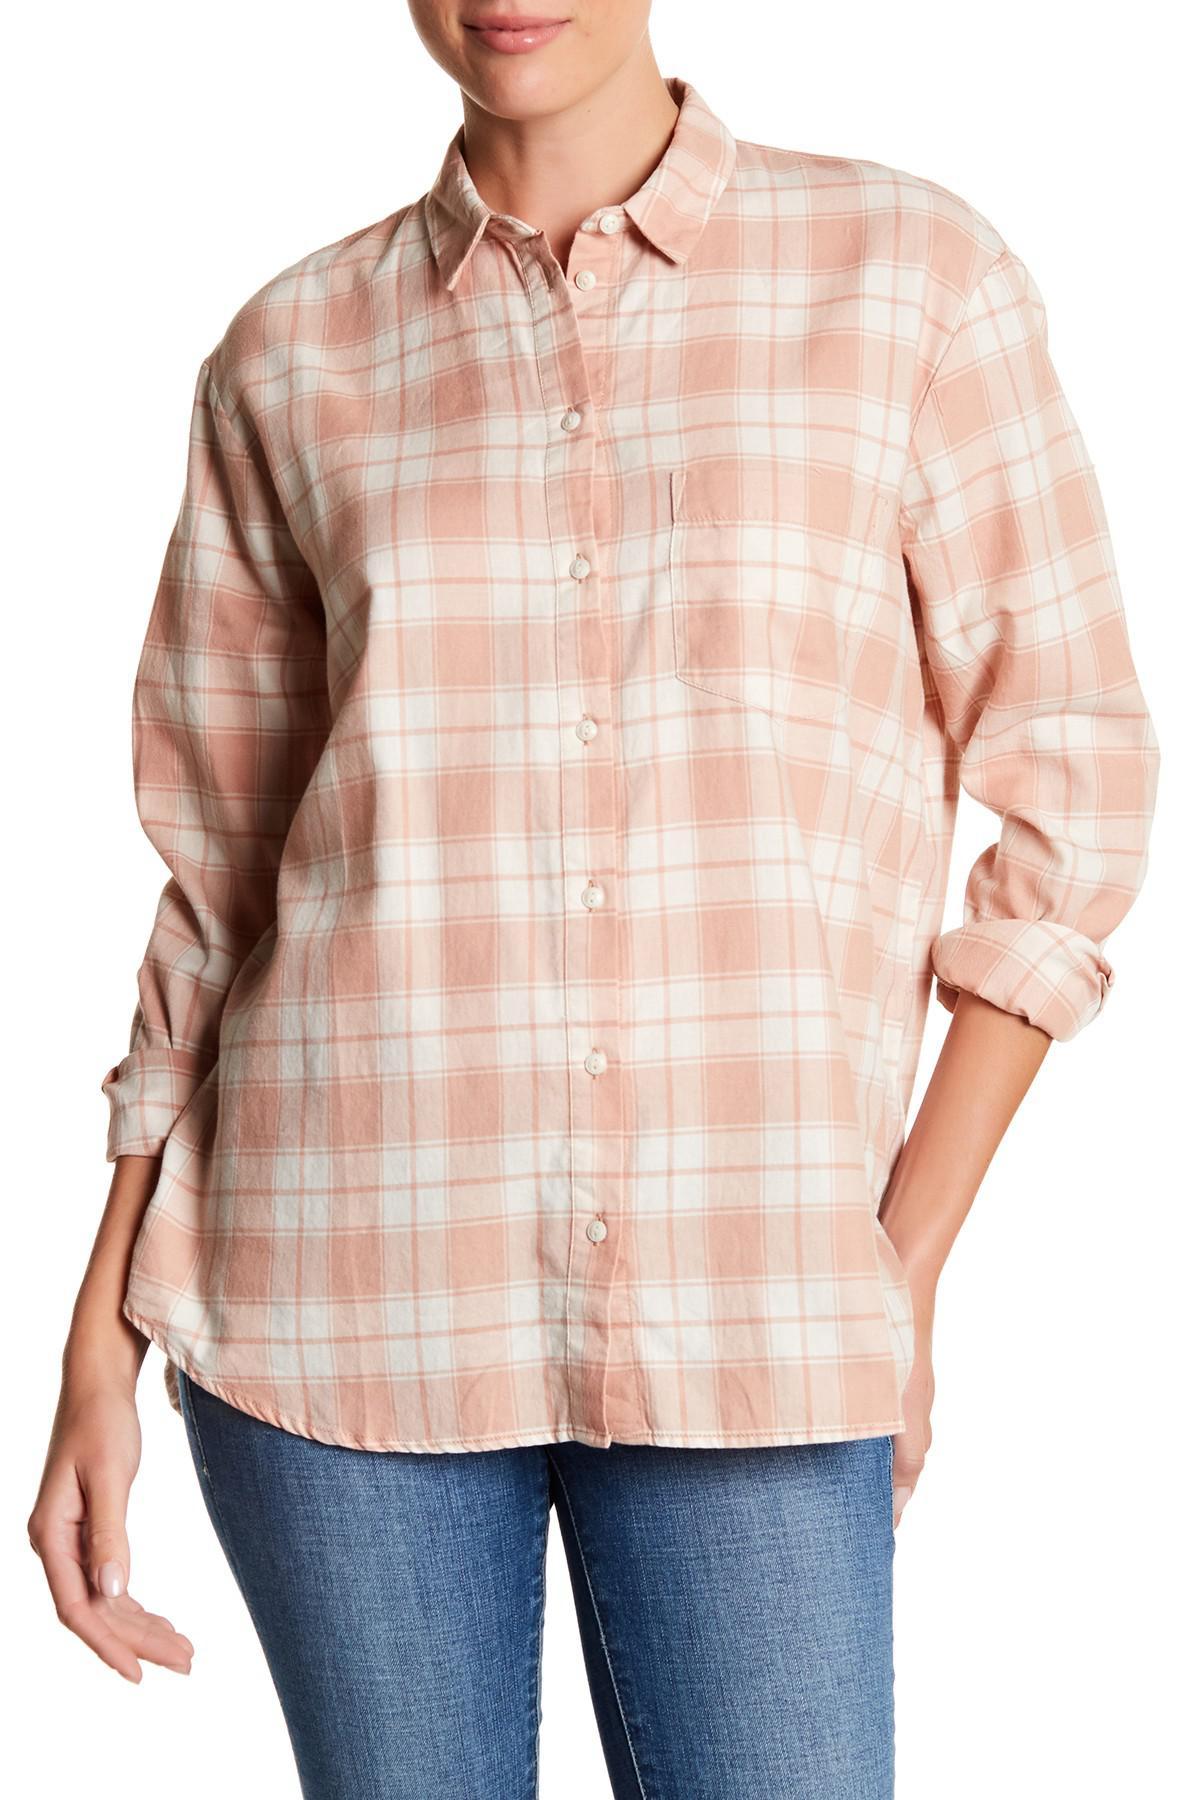 Lyst Madewell Oversized Flannel Ex Boyfriend Shirt In Pink